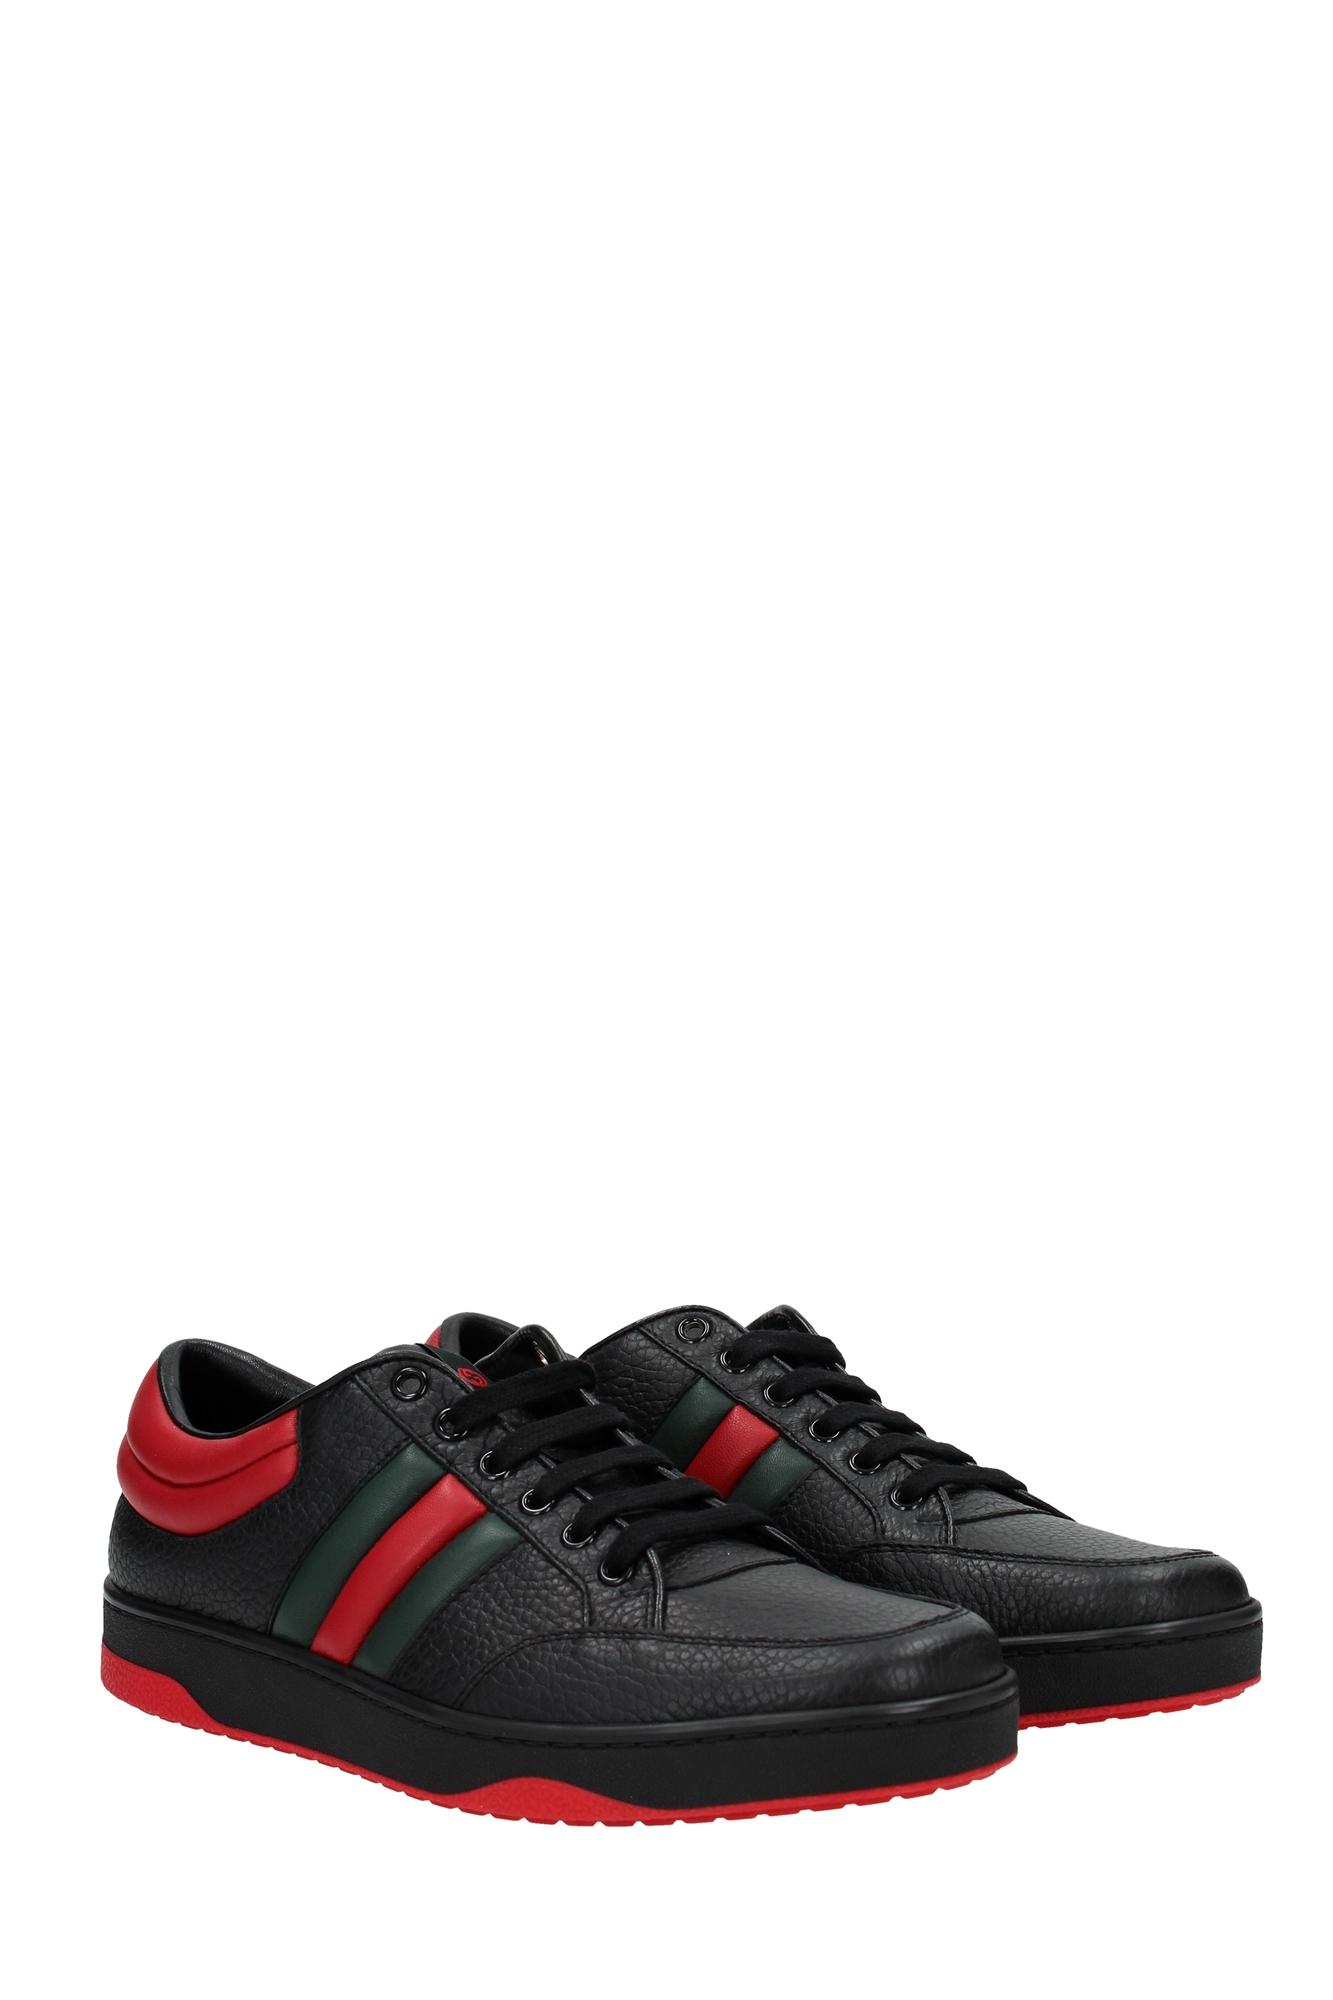 sneakers gucci herren leder schwarz 407330def301074 ebay. Black Bedroom Furniture Sets. Home Design Ideas